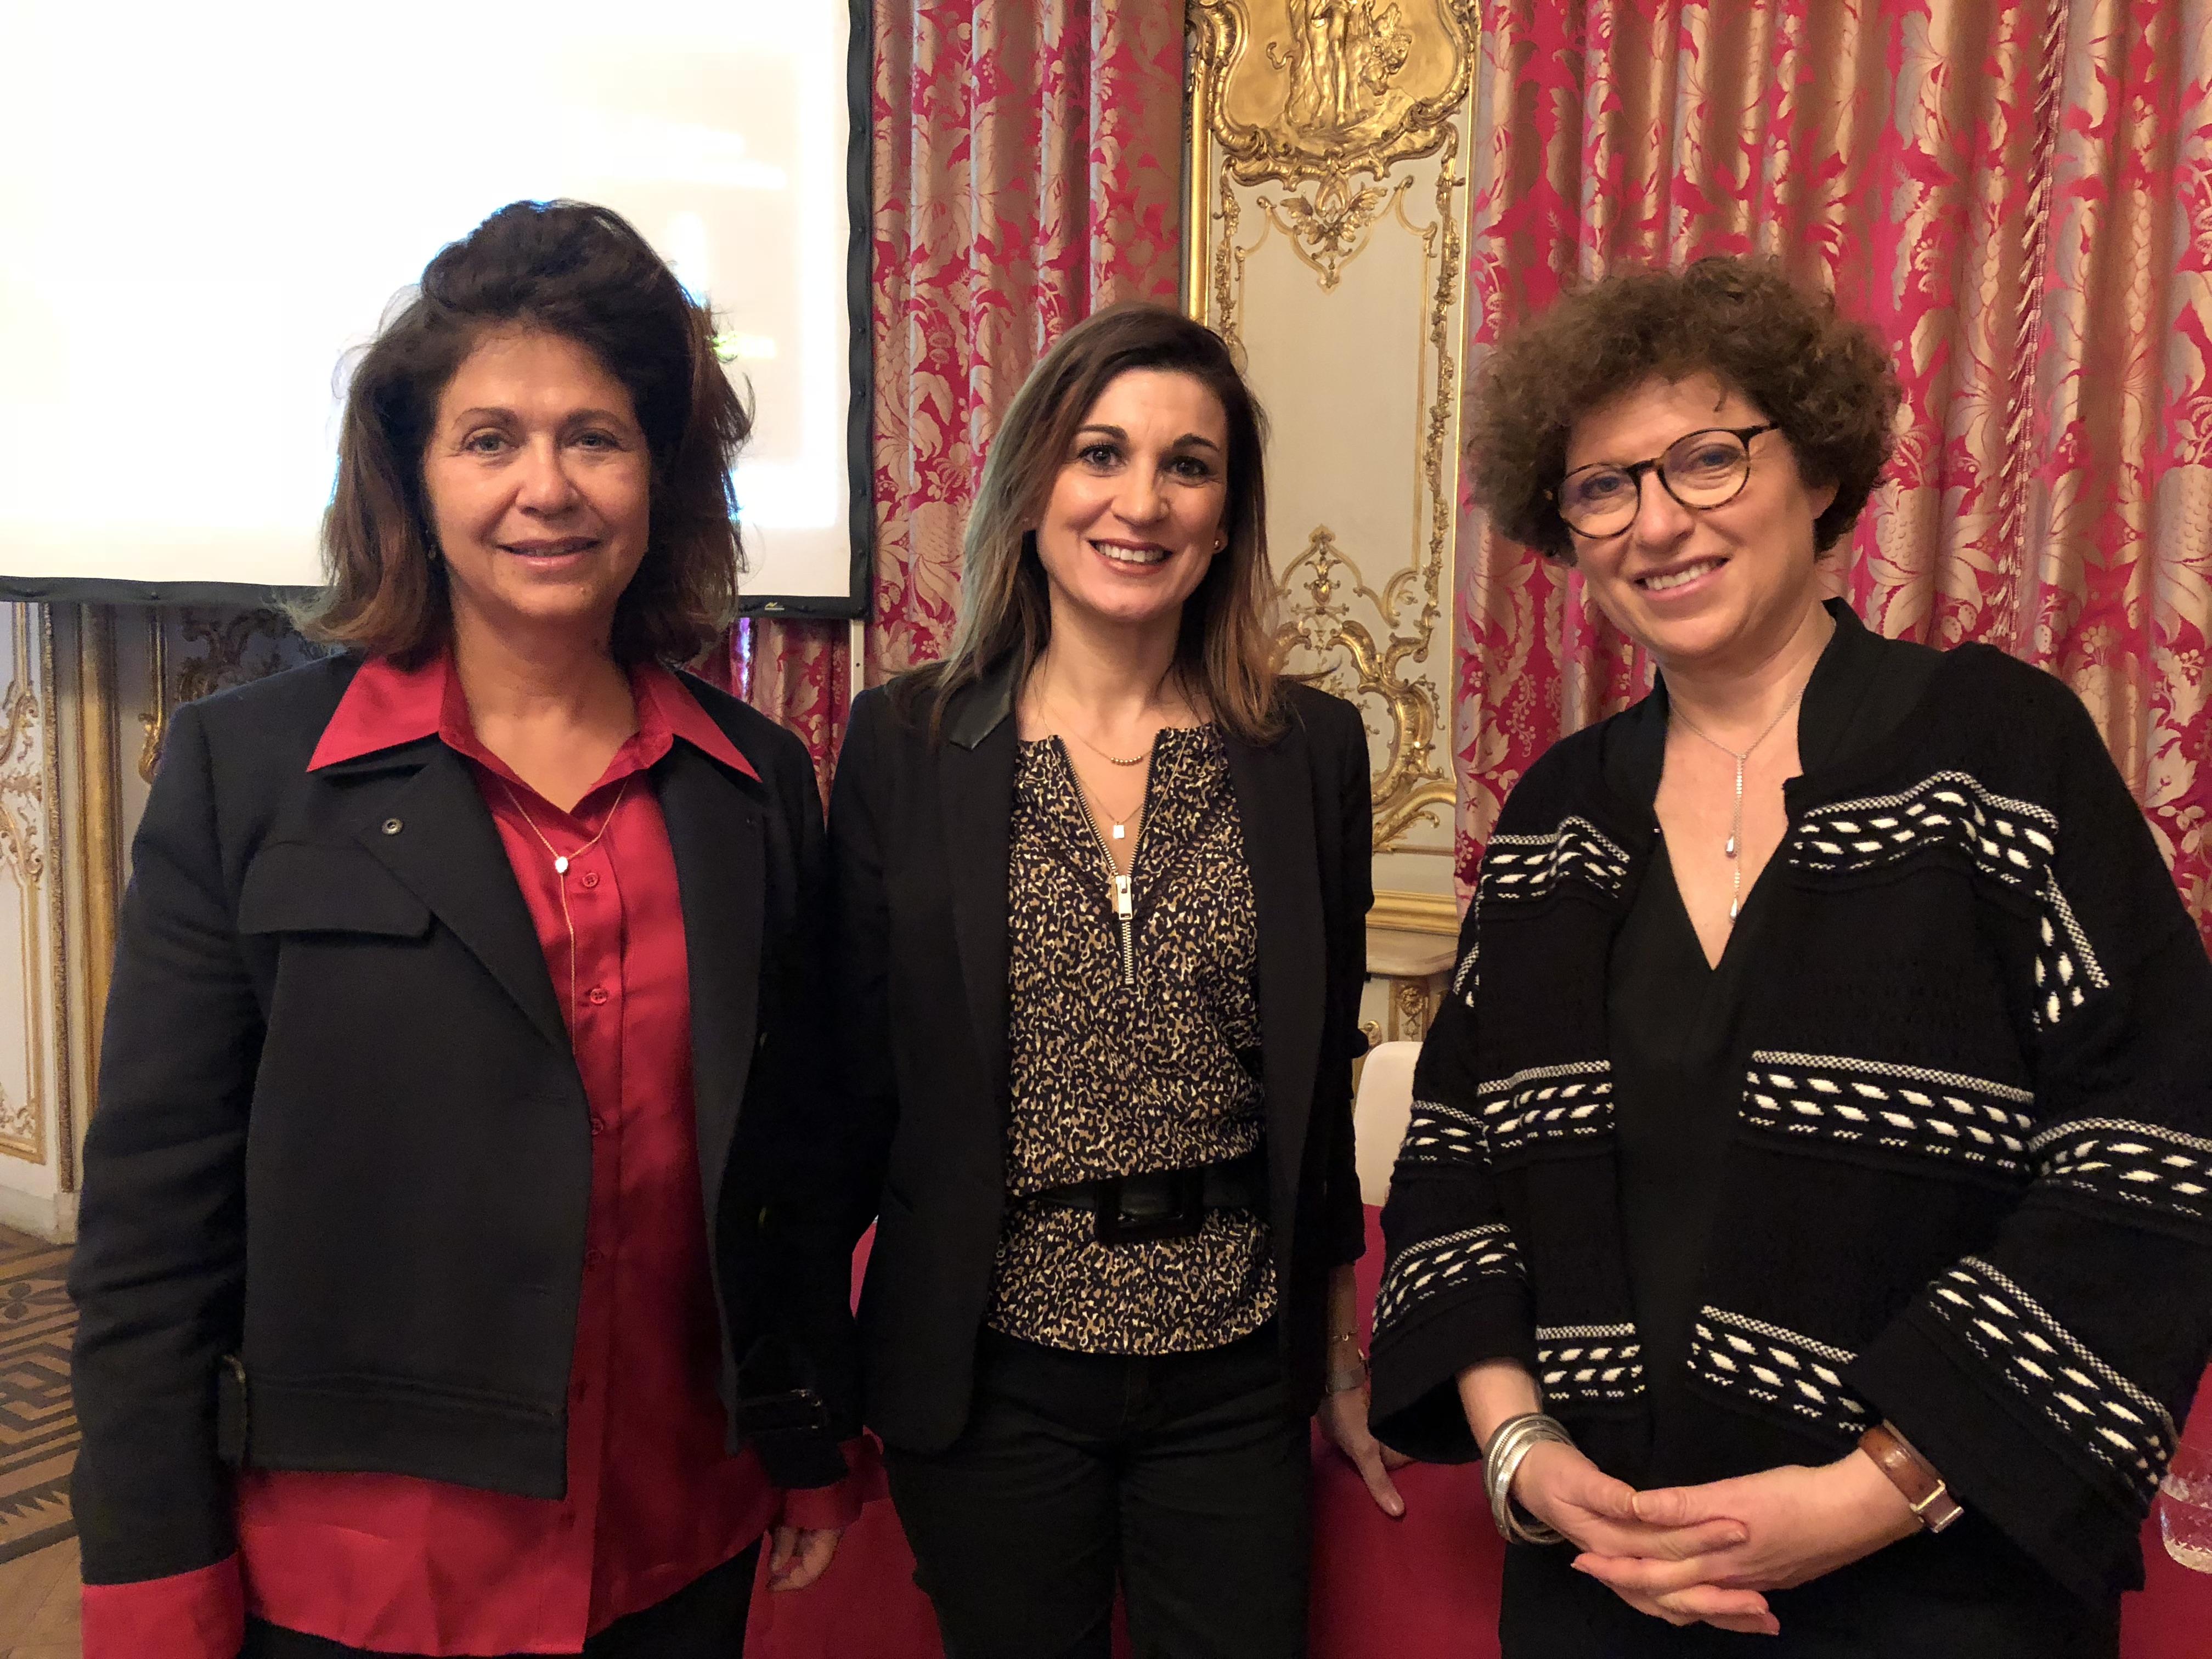 L.Capuron Prix Dassault 2018